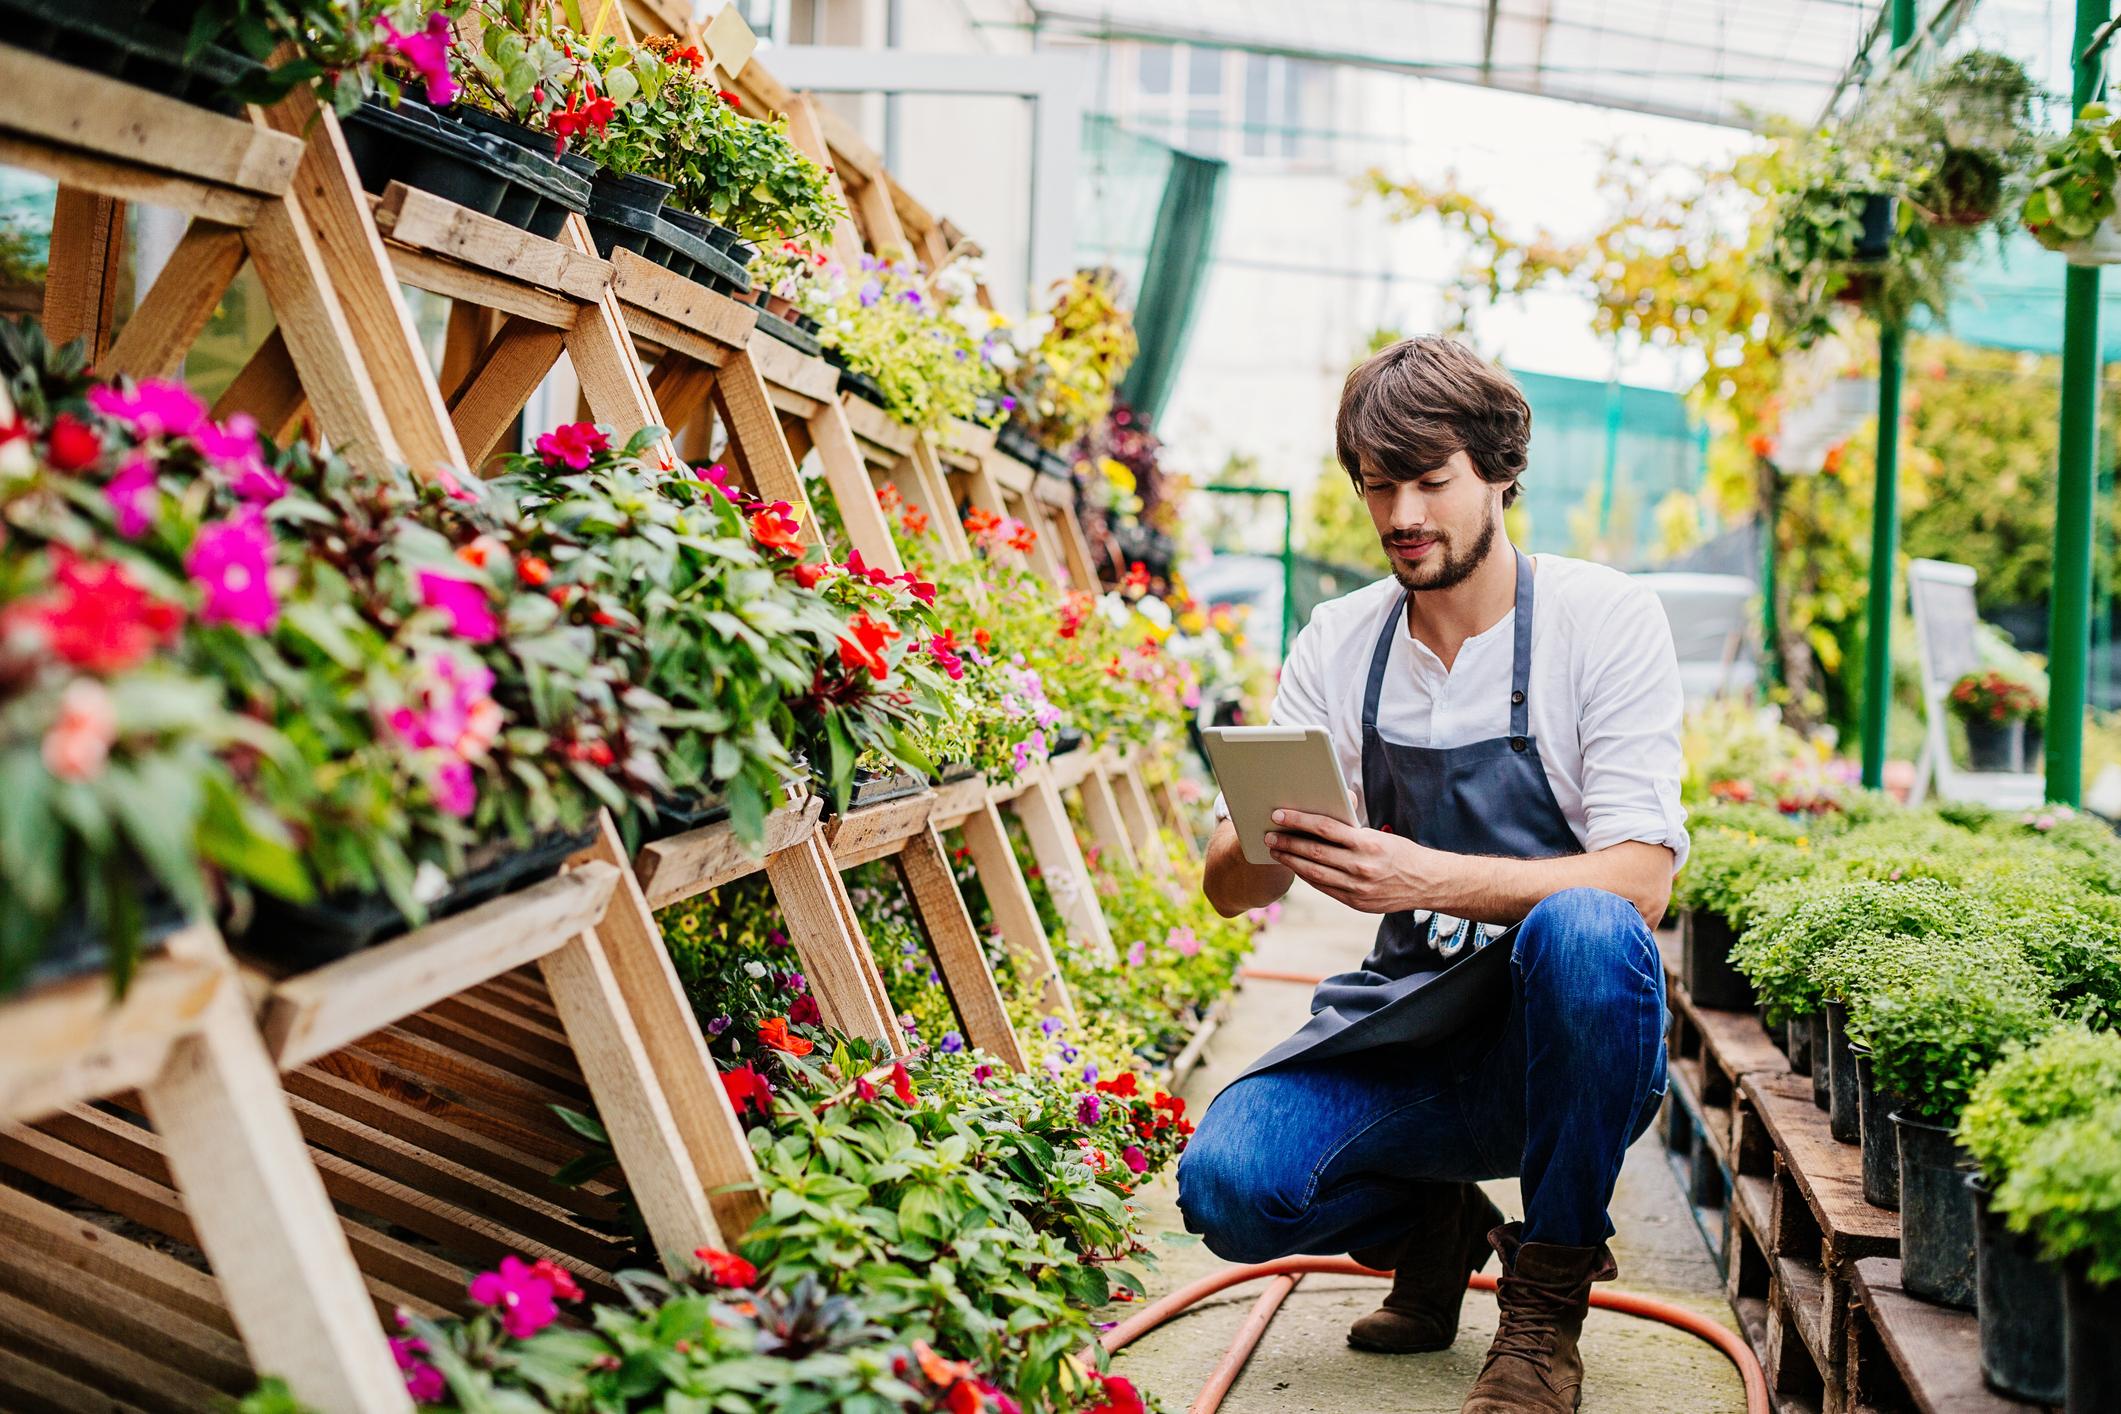 Florist, Nursery, Landscape: Prep for Peak Season